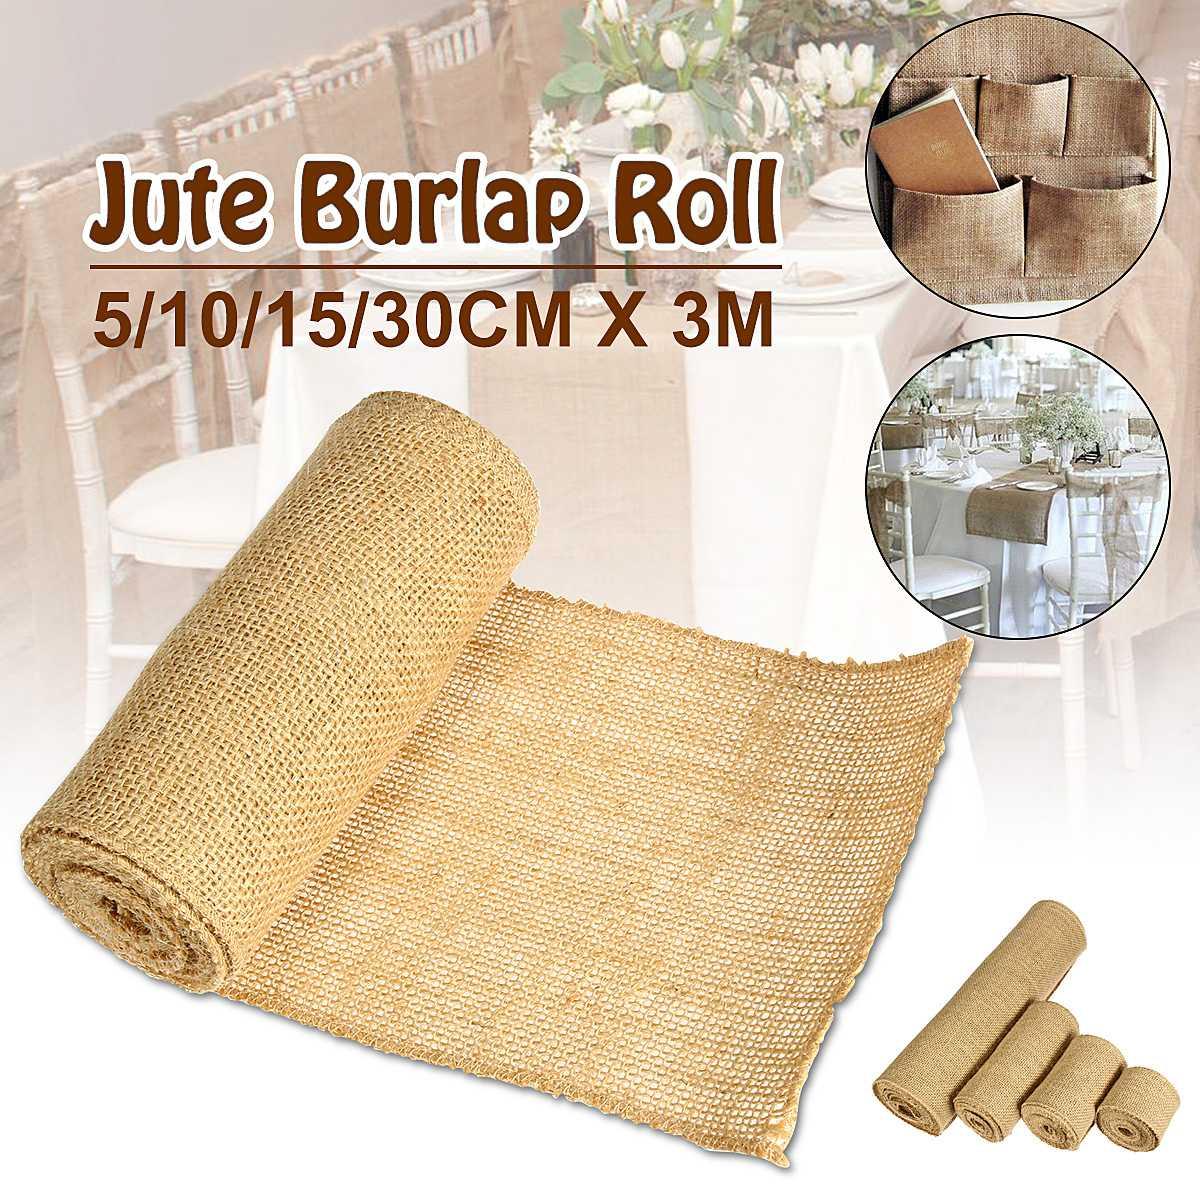 Tejido de yute y arpillera Natural Hessian Rollo de cinta para manteles individuales bolsas mantel Fondo decoración malla Linnen tela textil